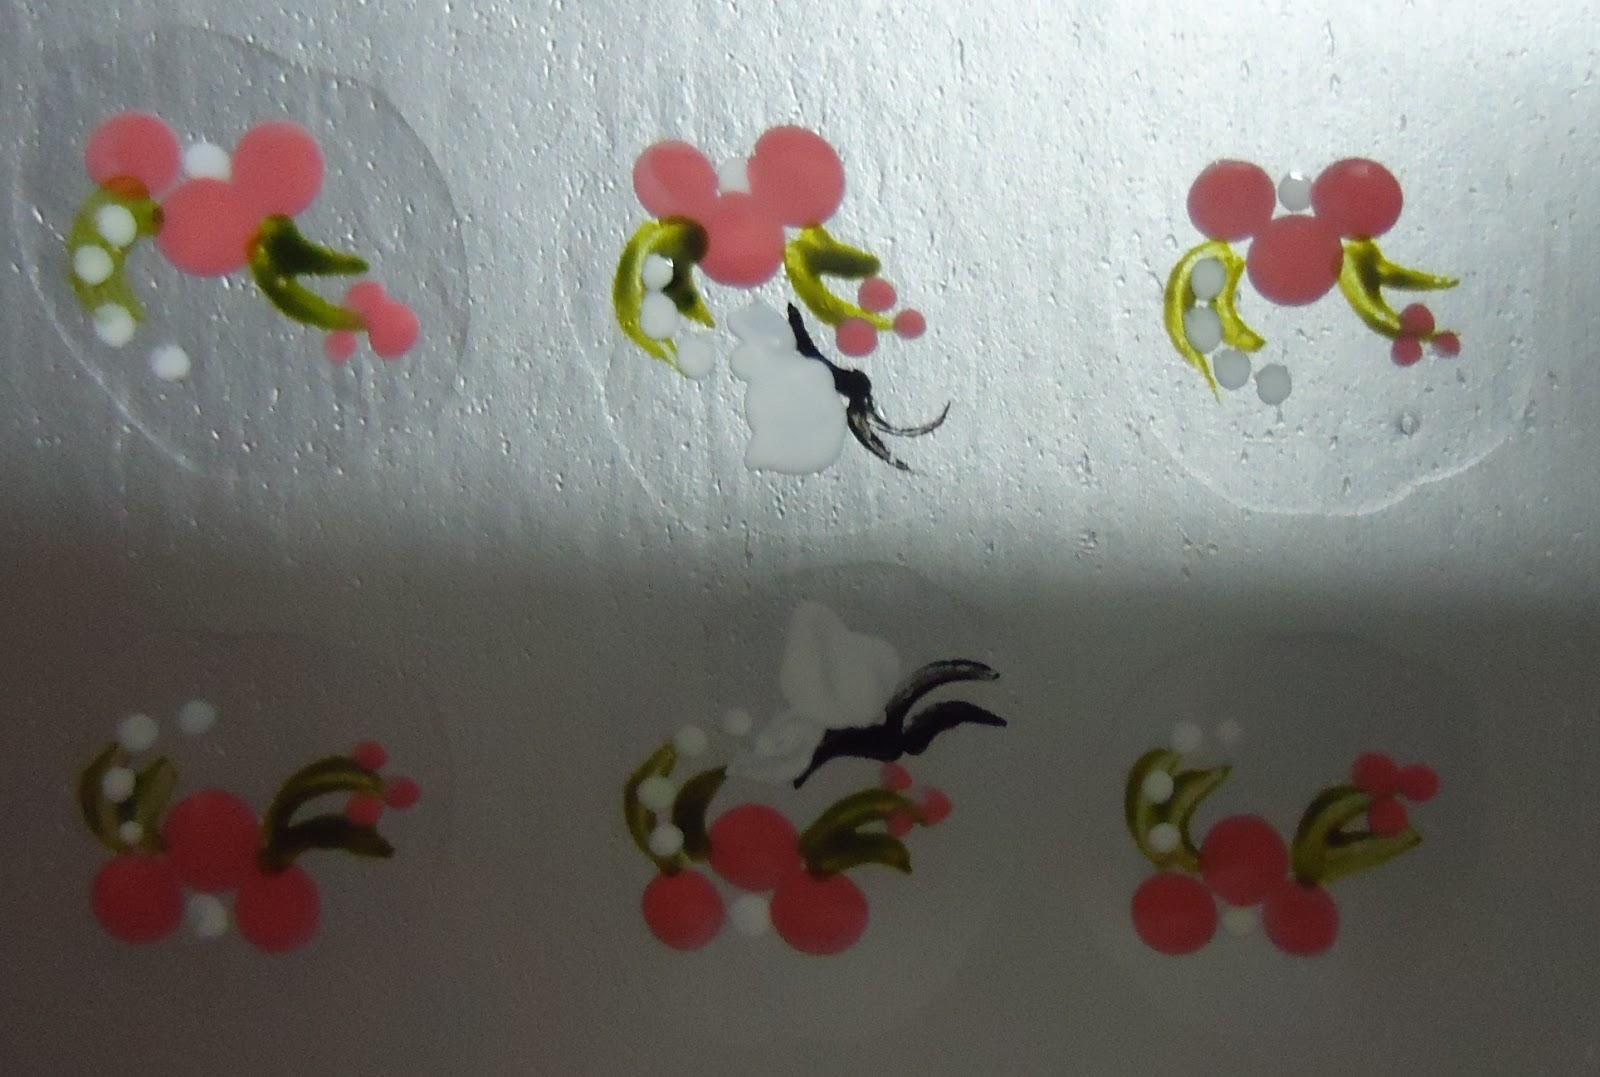 Armario Indoor Barato ~ Beleza das unhas Adesivo artesanal de unhas abelhas